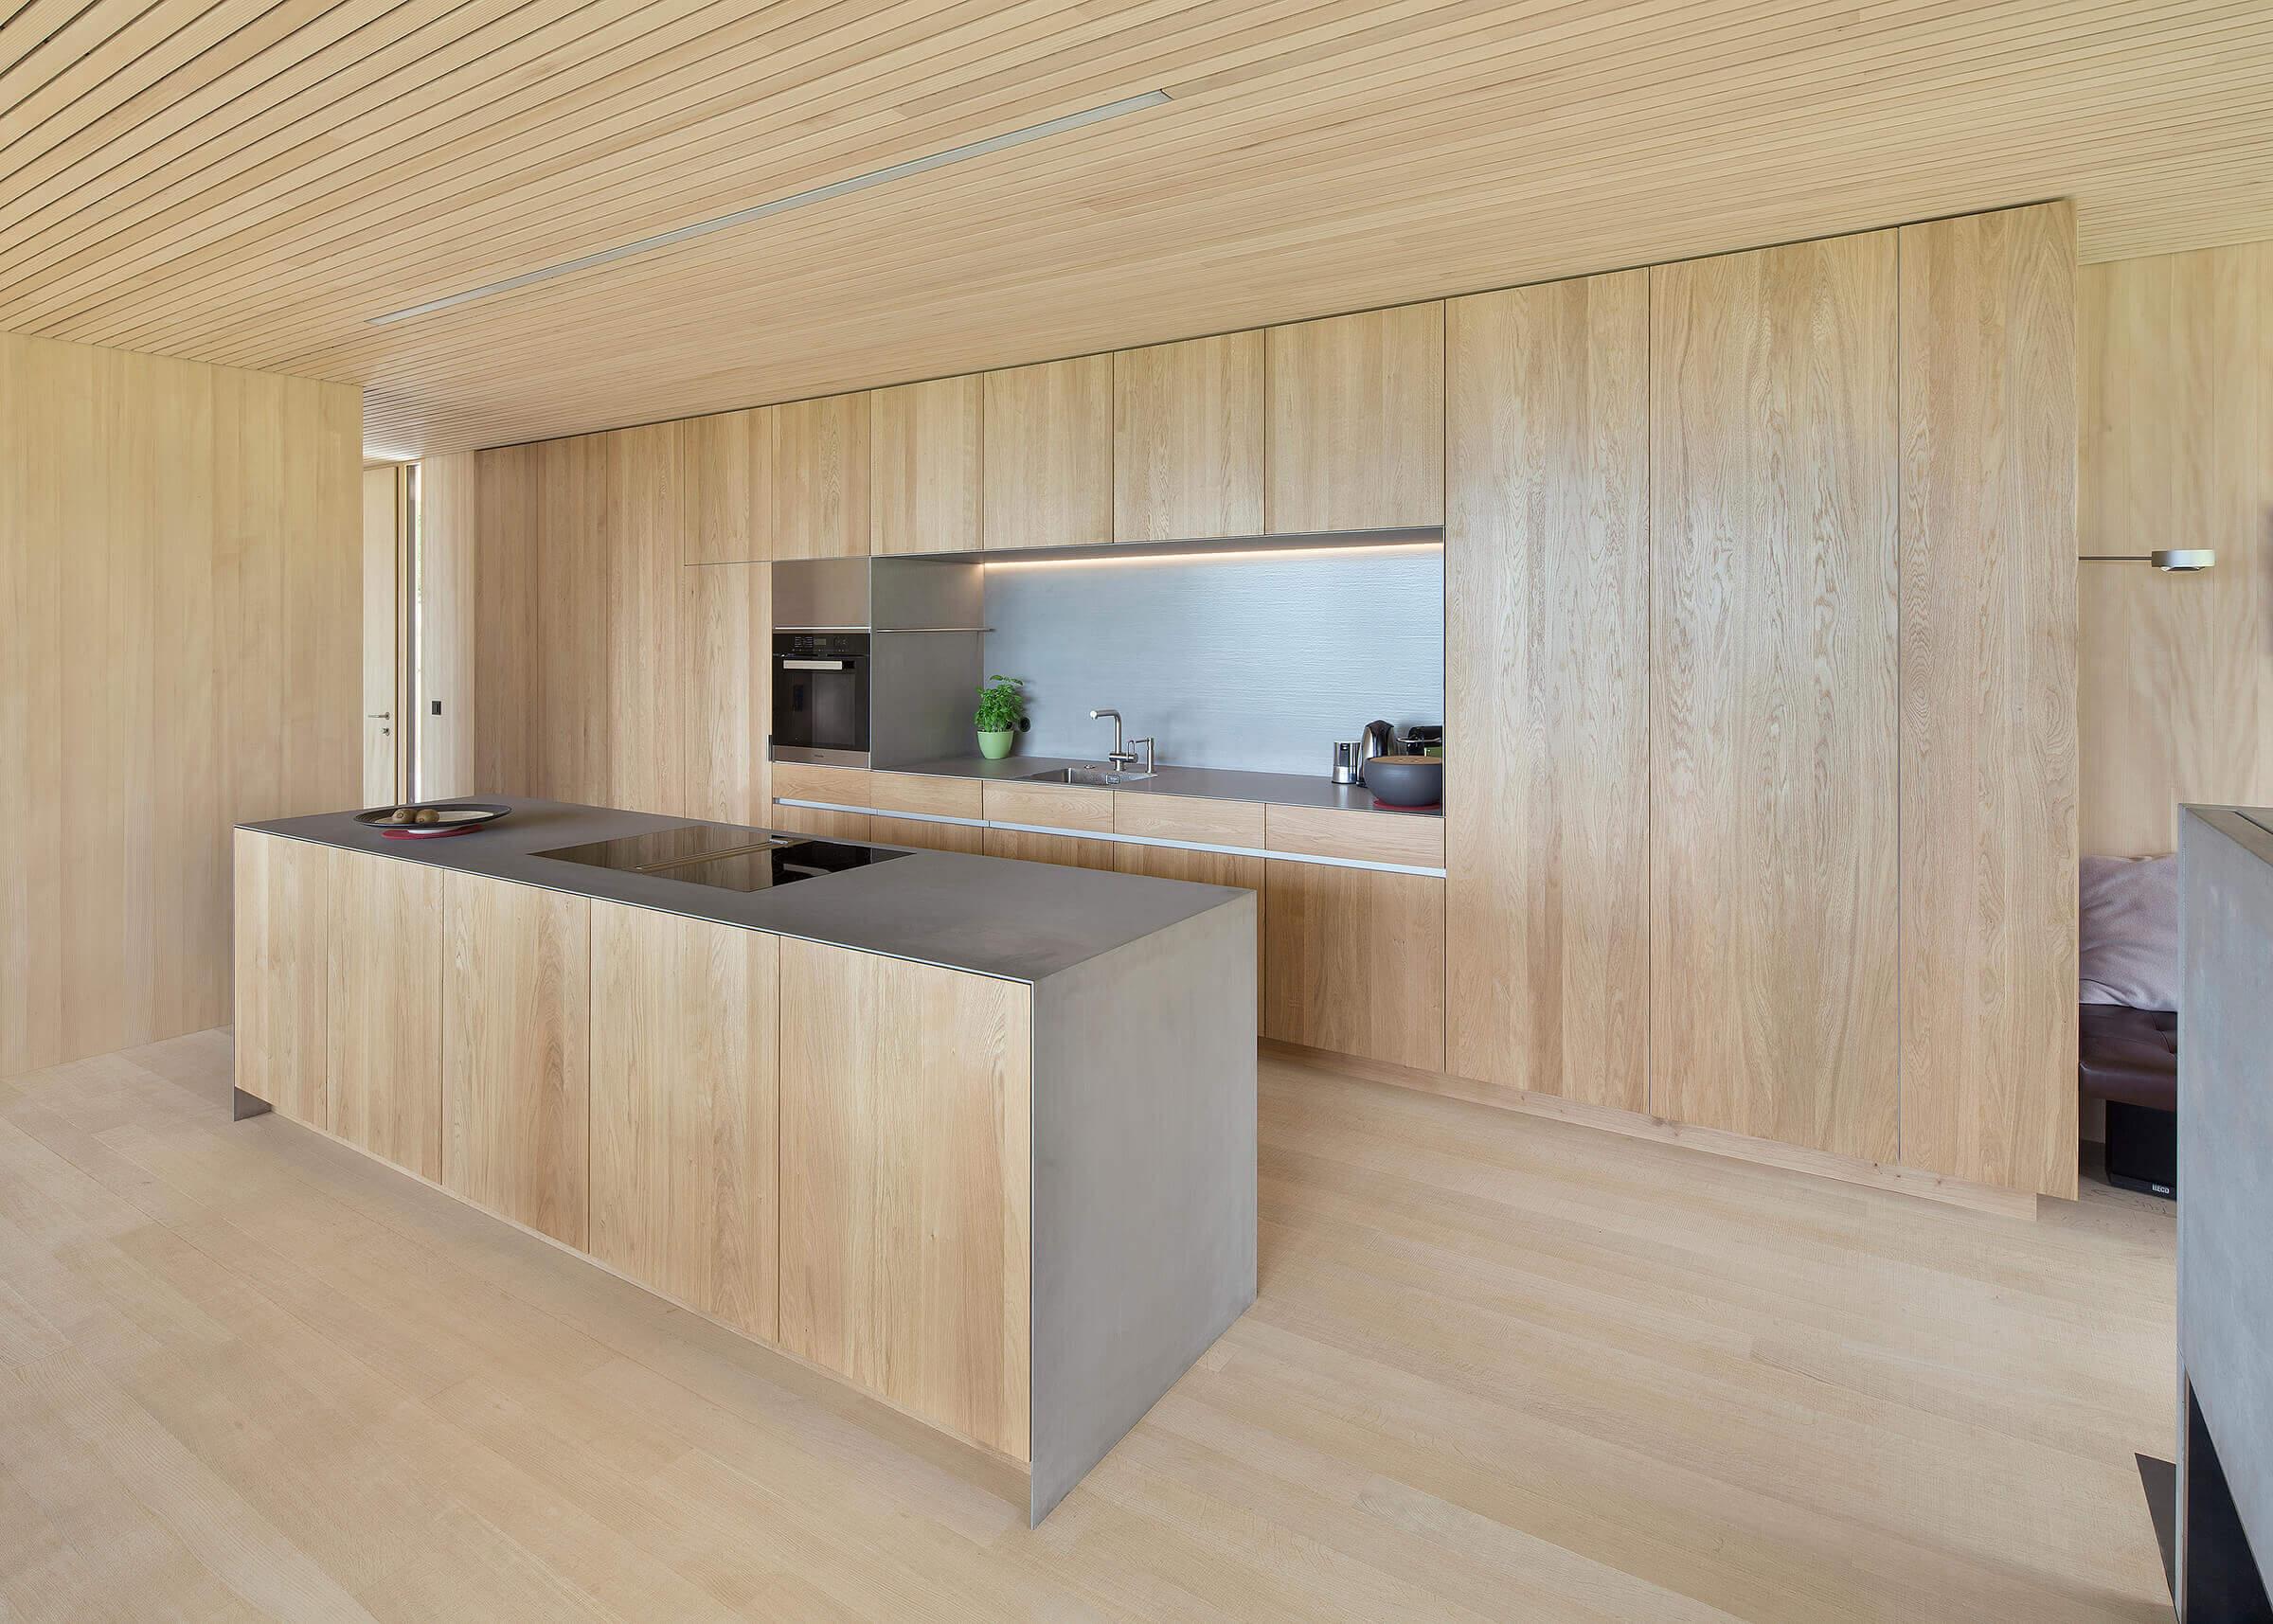 Full Size of Freistehende Küchen Kche Mit Freistehendem Kchenblock Bilder Ideen Zur Regal Küche Wohnzimmer Freistehende Küchen